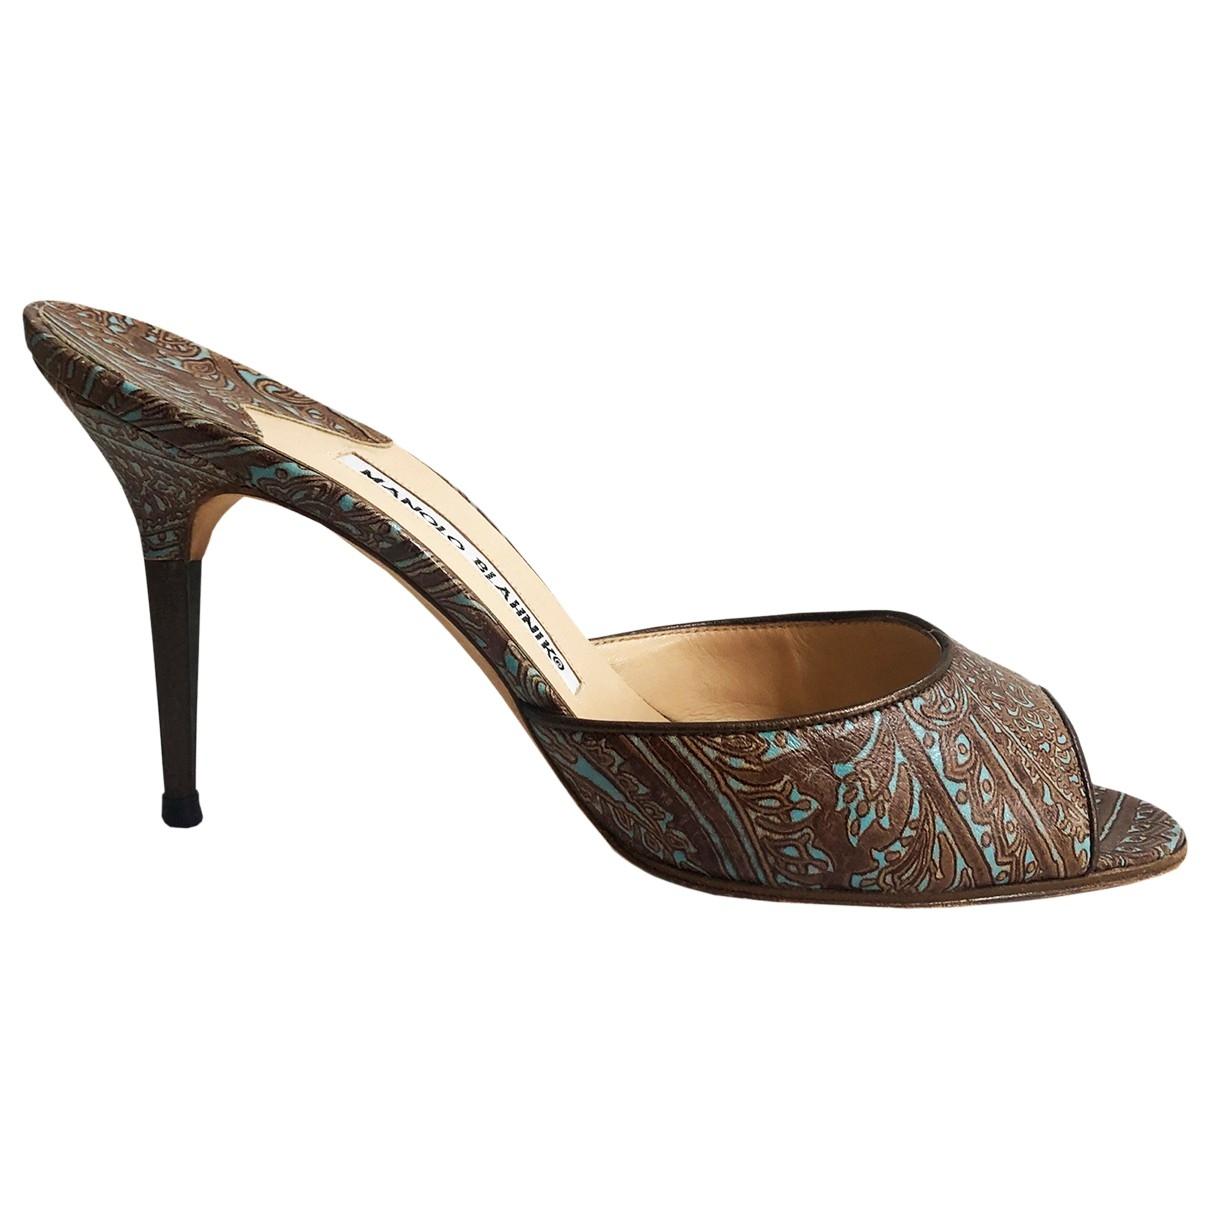 Manolo Blahnik - Sandales   pour femme en cuir - marron